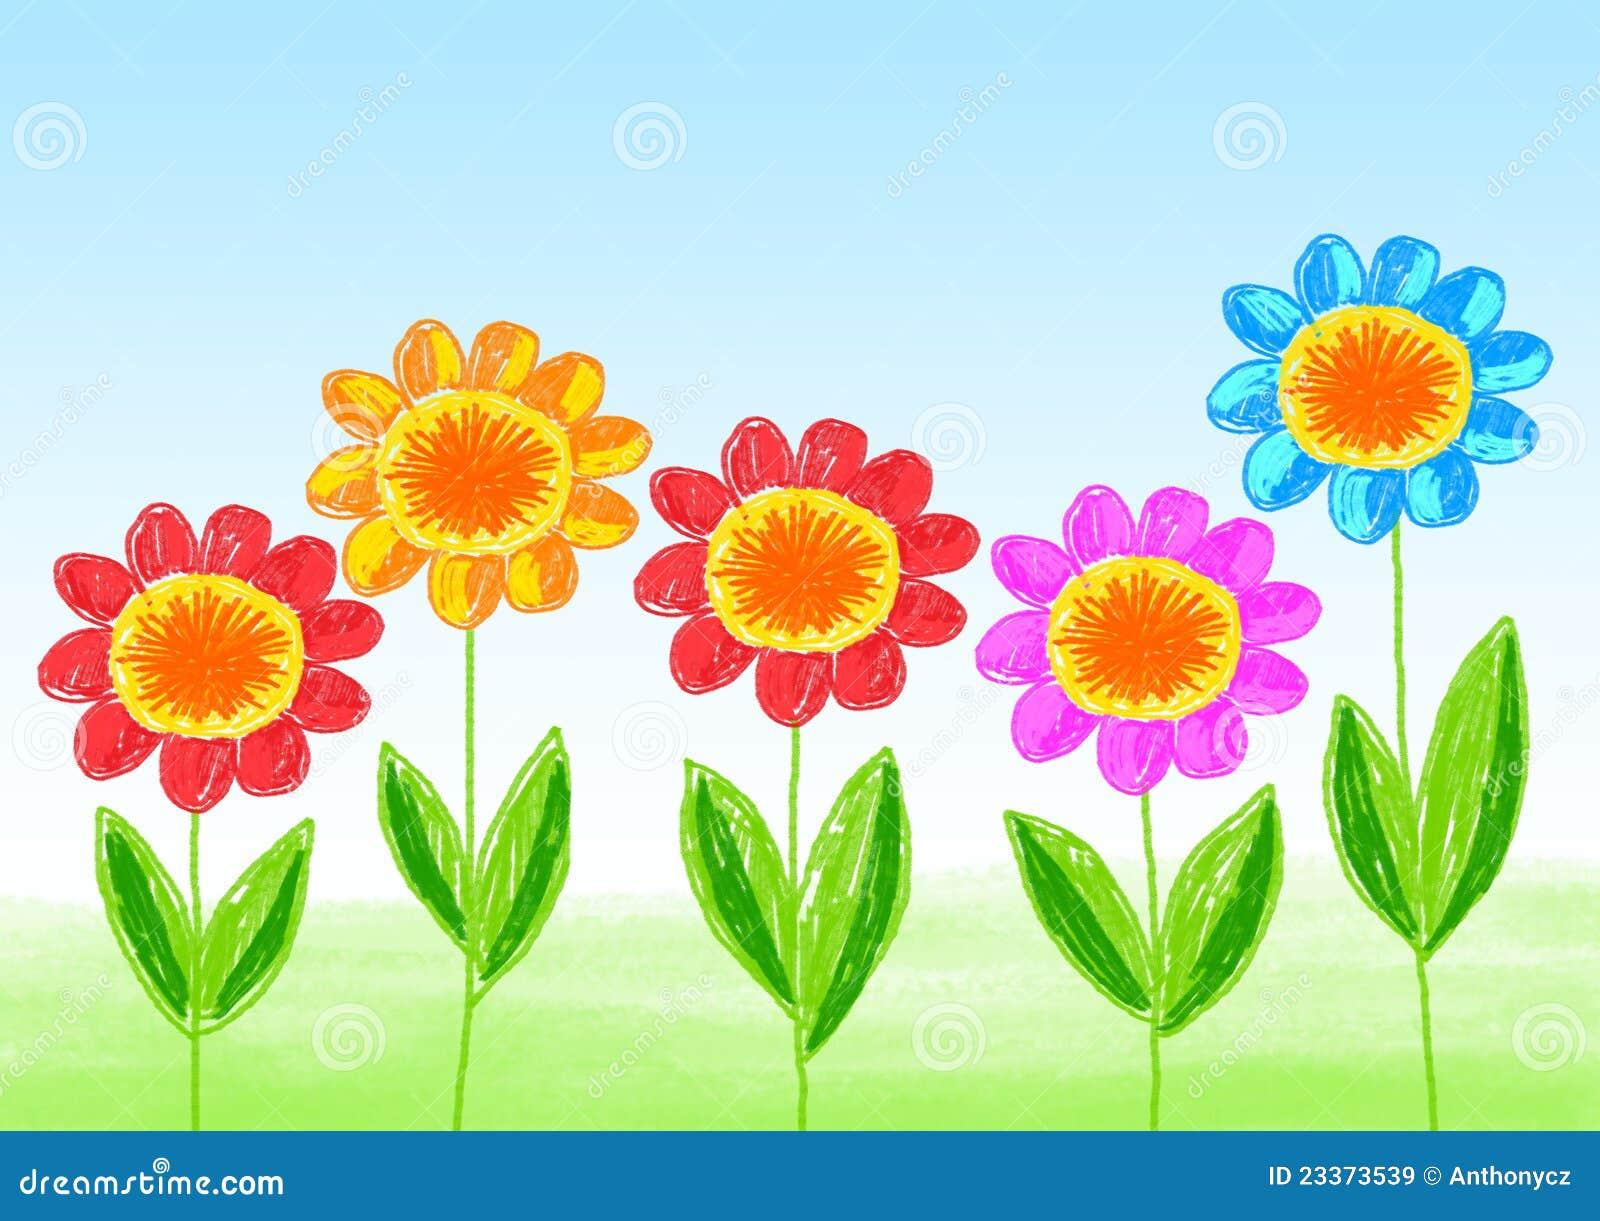 Novo Desenhos De Flores Coloridas Para Imprimir Gratis Melhores